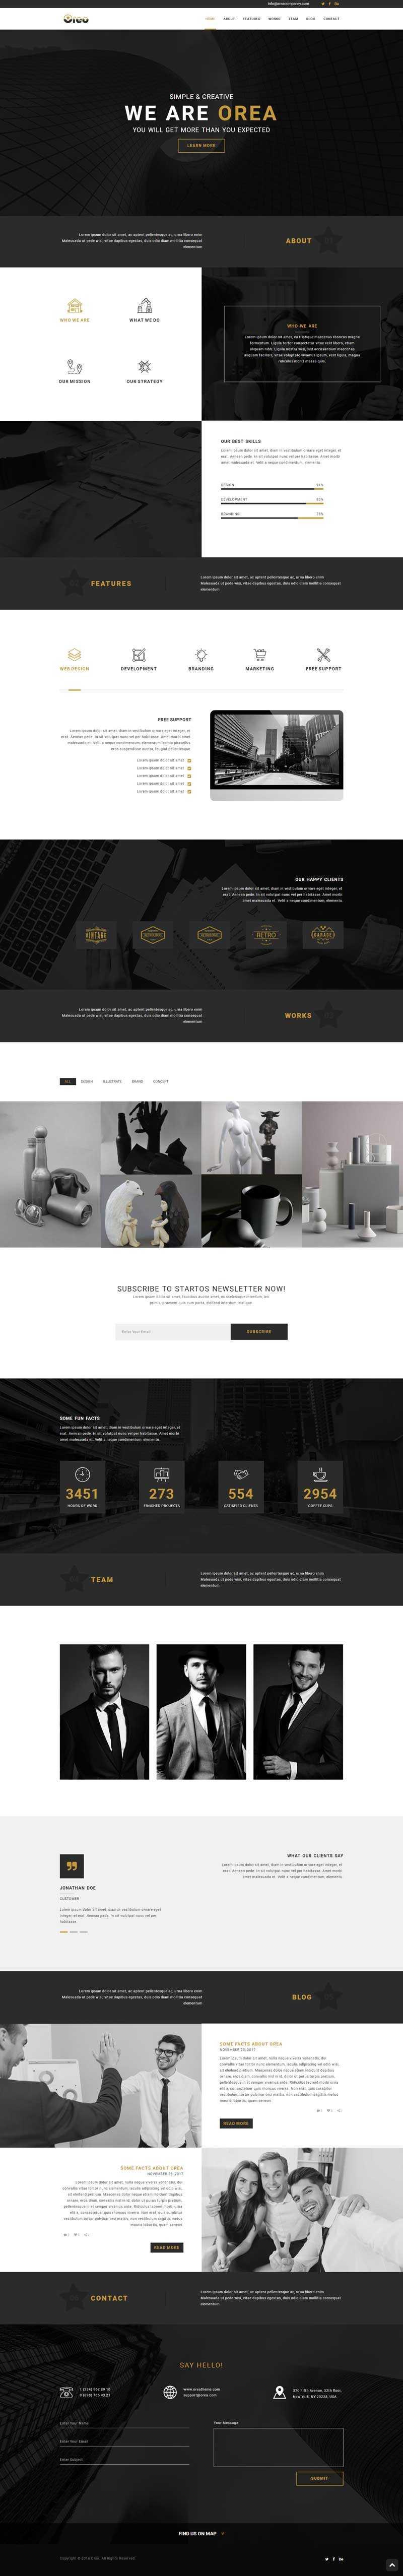 黑色的艺术设计师作品展示html5模板